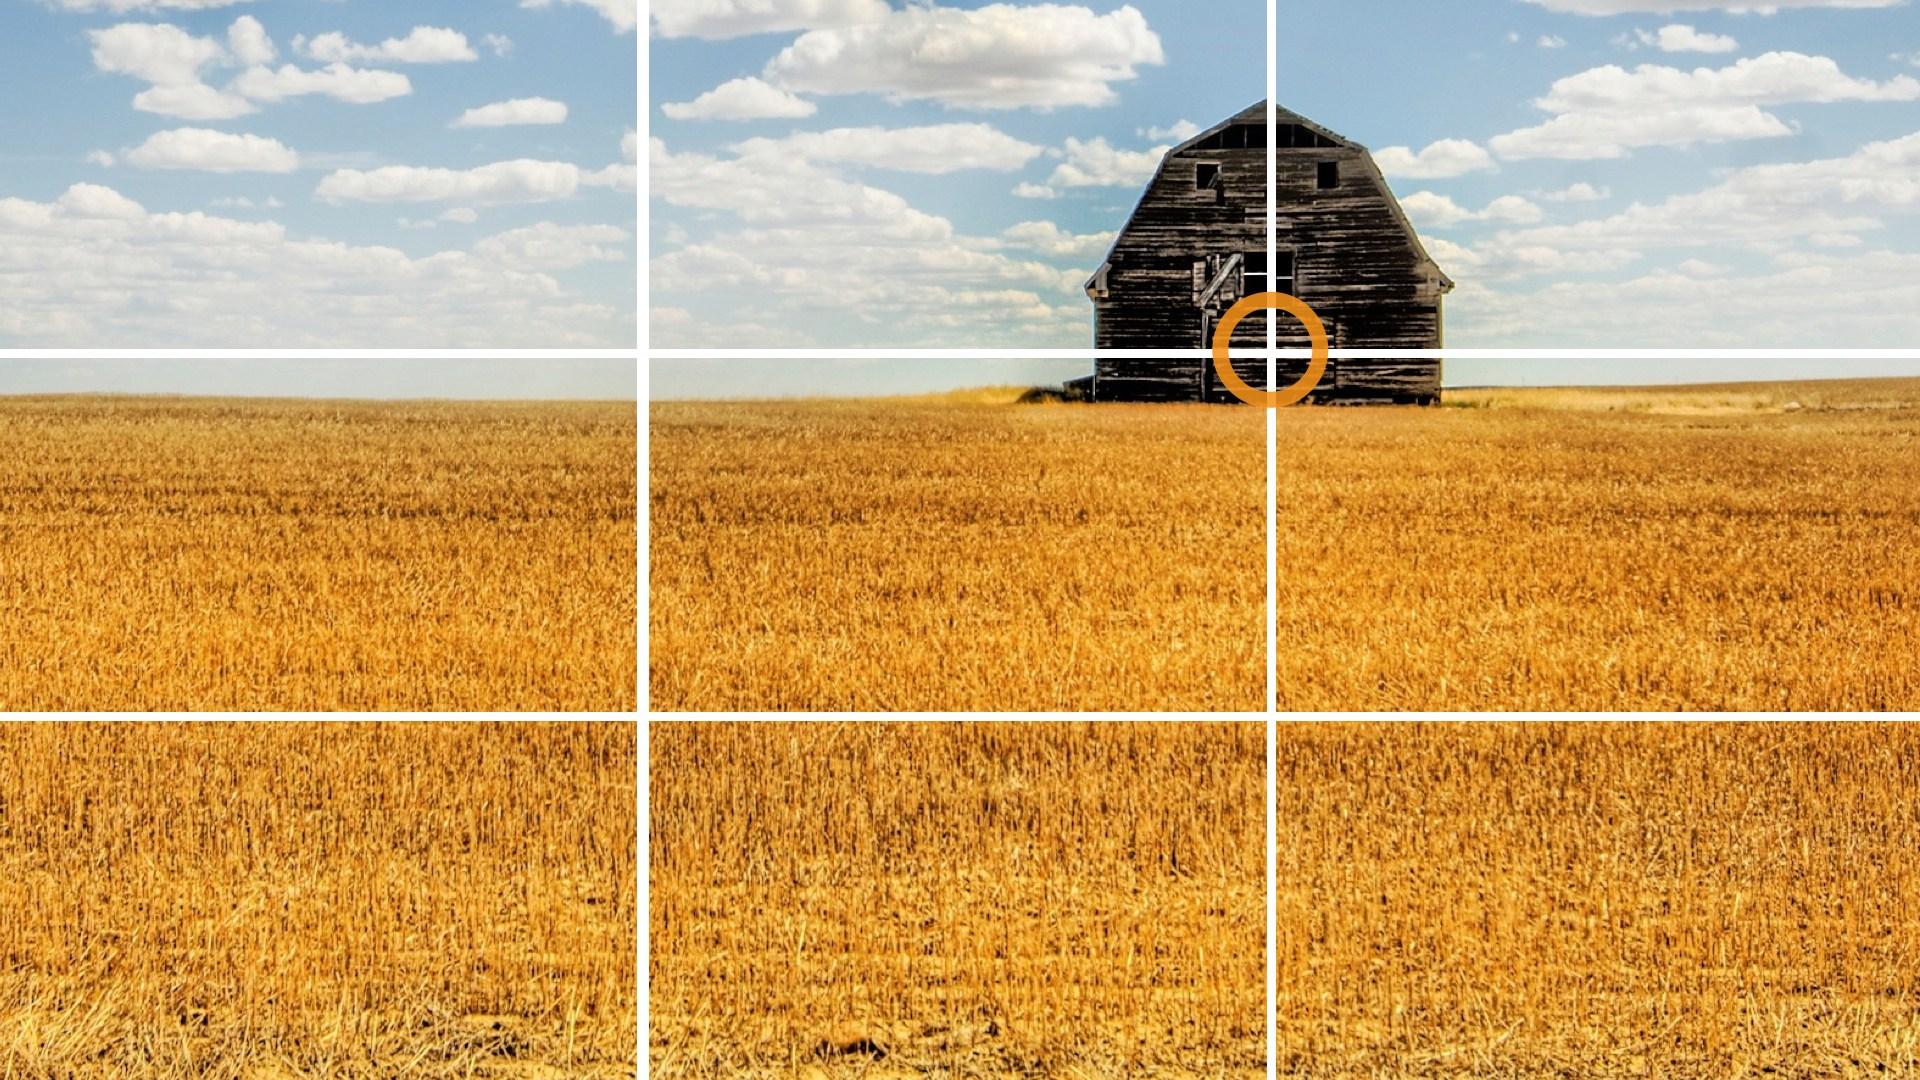 Как правильно шарпить фотографии для веб говорить мясных